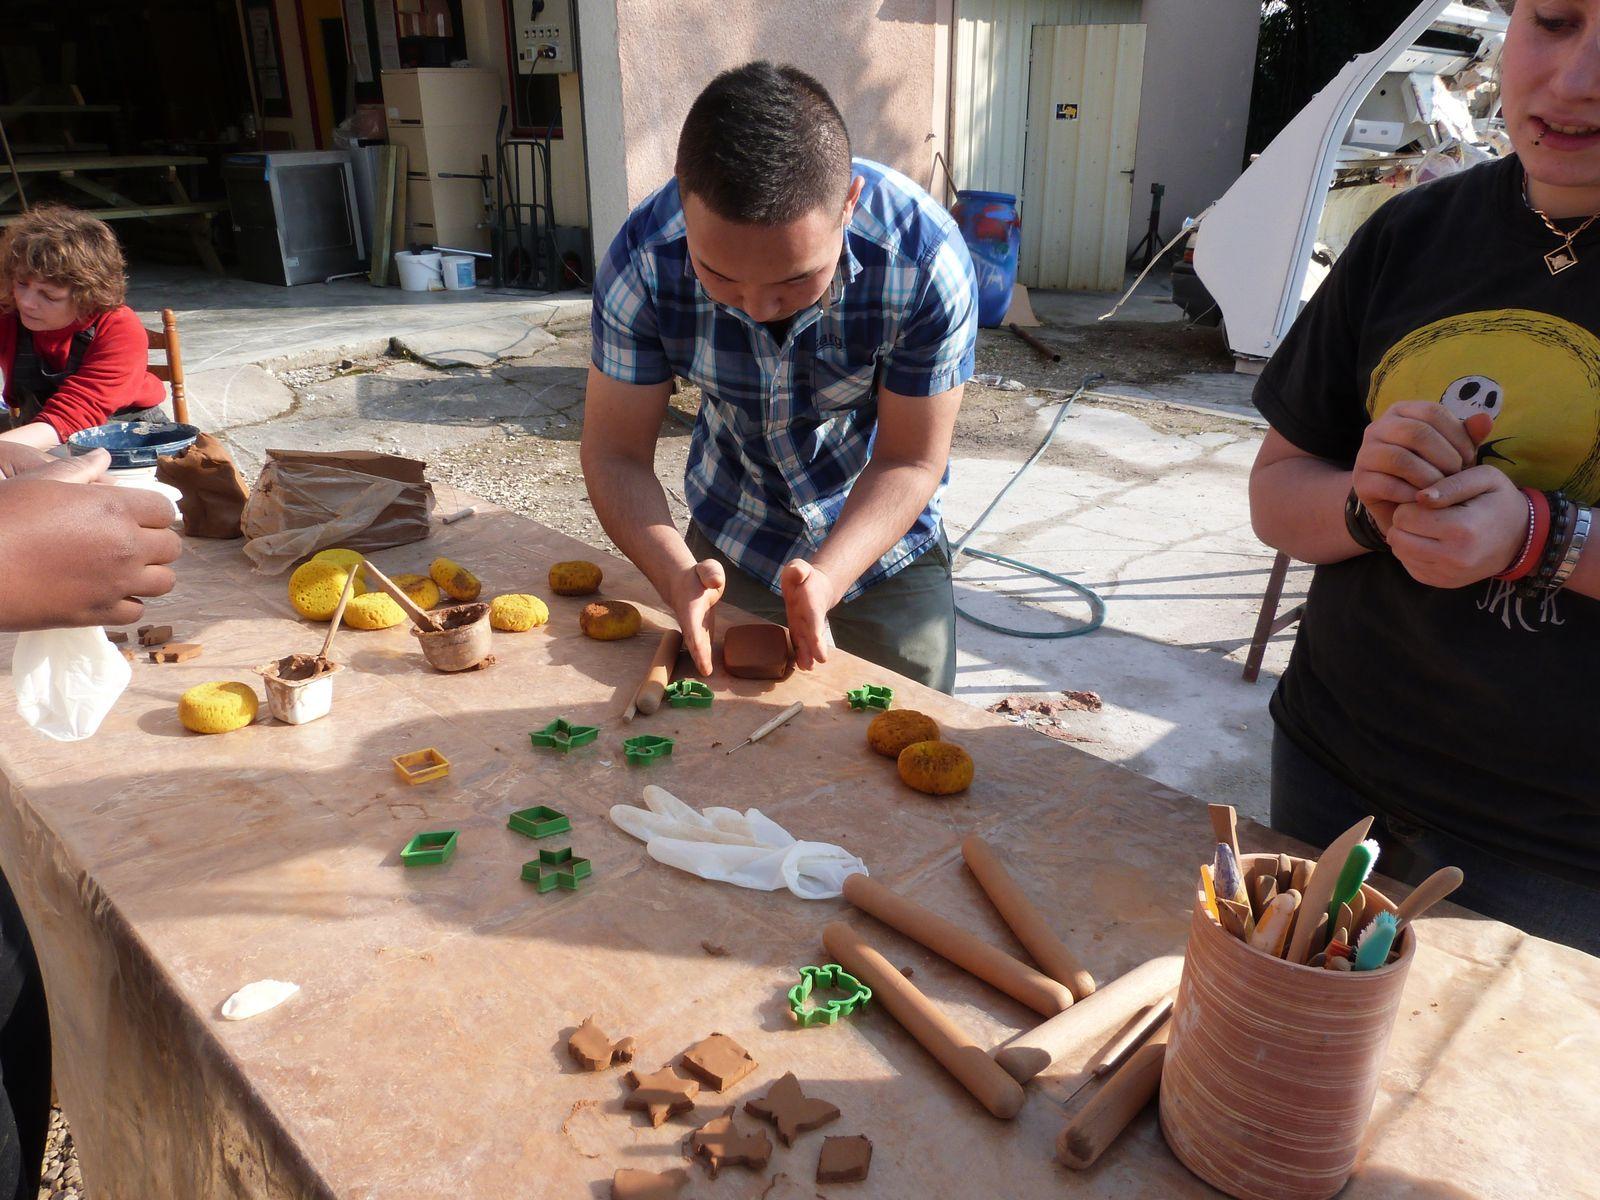 Février 2013 : Après-midi d'initiation poterie pour Angélique, Adnan, Hassan, Erzorig, Mariglen, freddy, Thomas et Kamal en compagnie de Vanessa Bachellon, potière